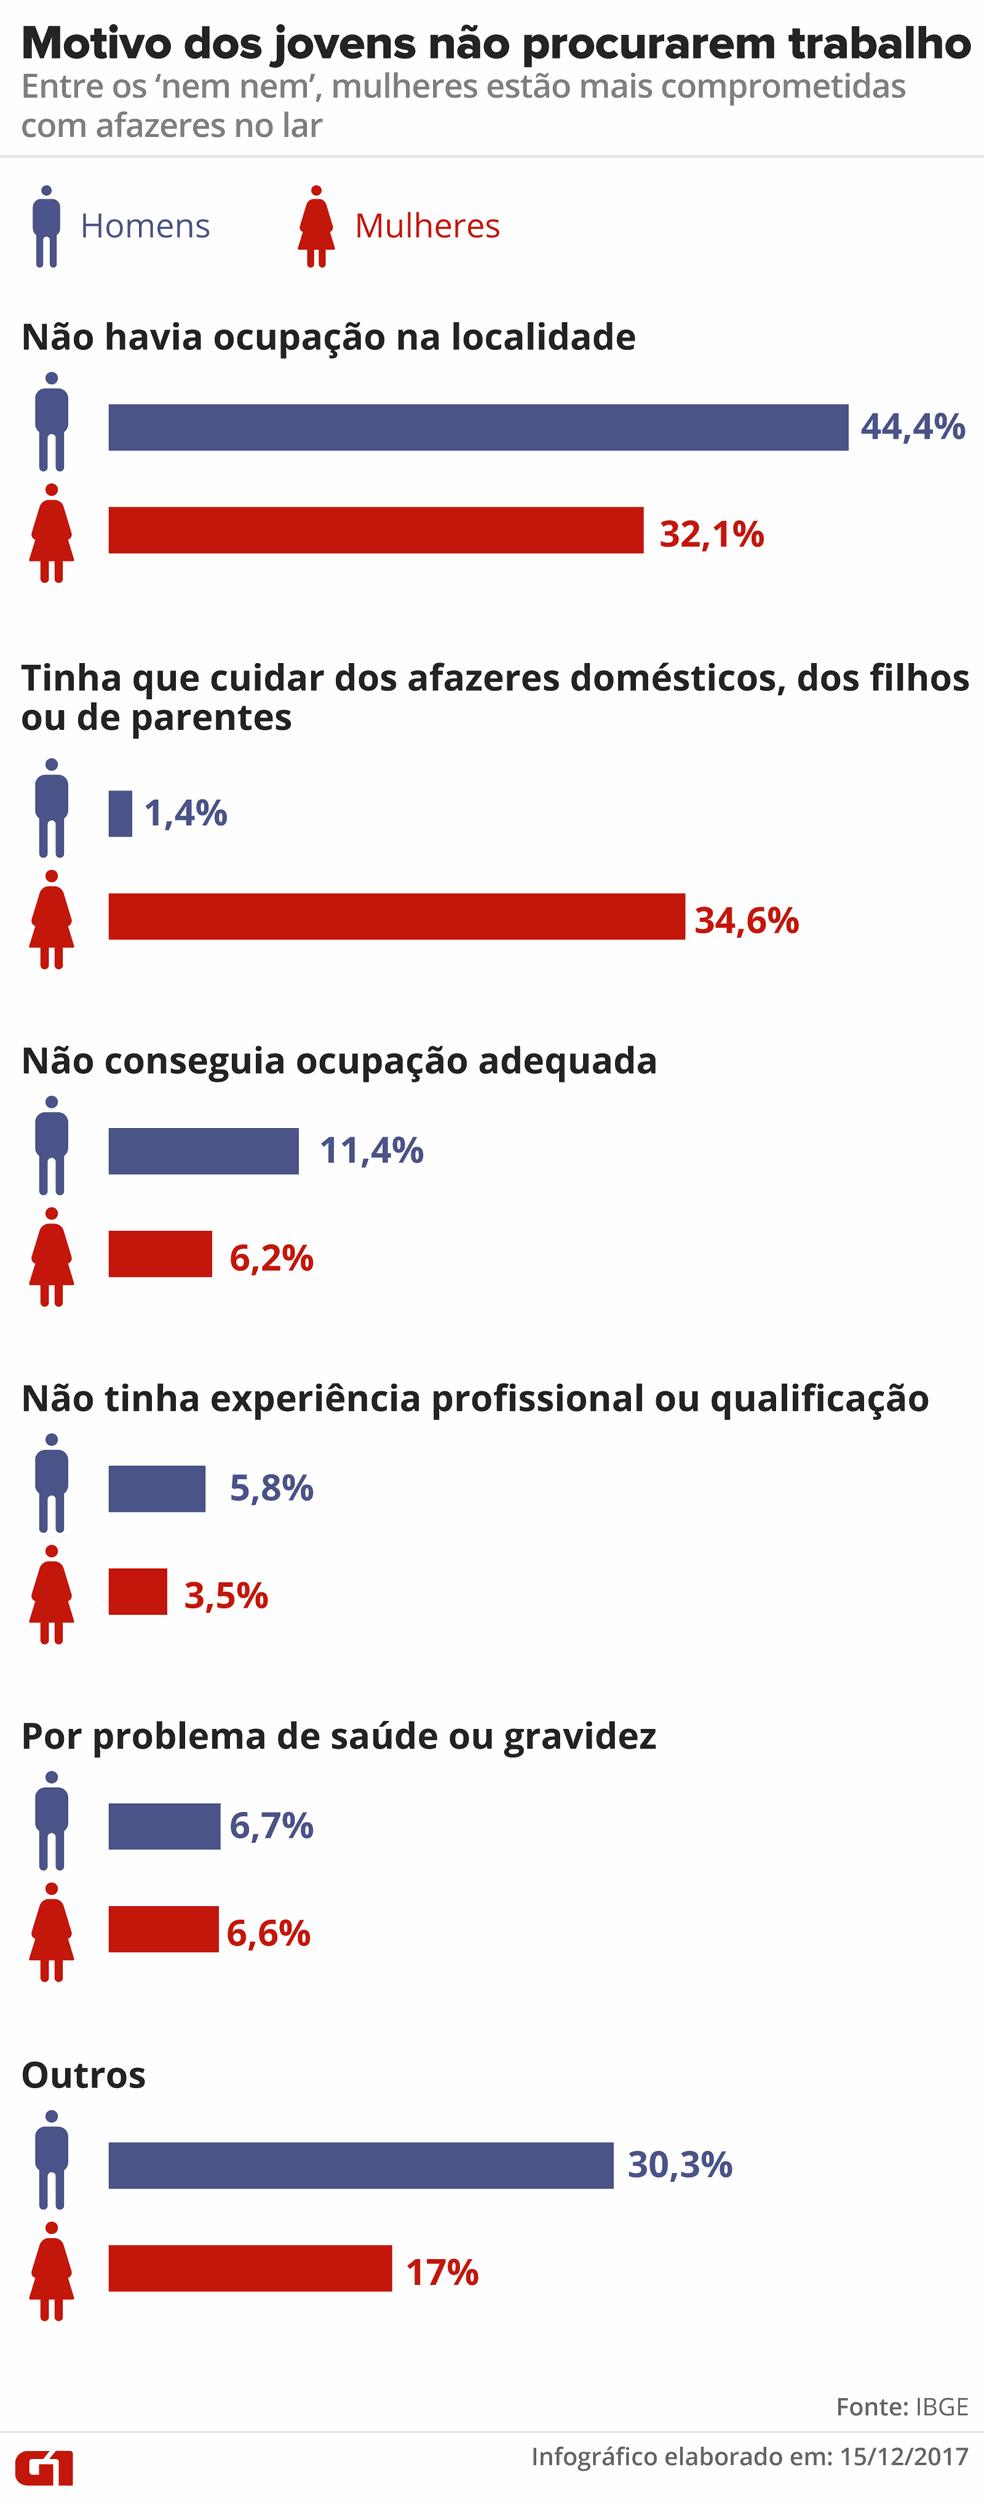 Infográfico aponta motivos para os jovens não procurarem trabalho (Foto: Arte/G1)